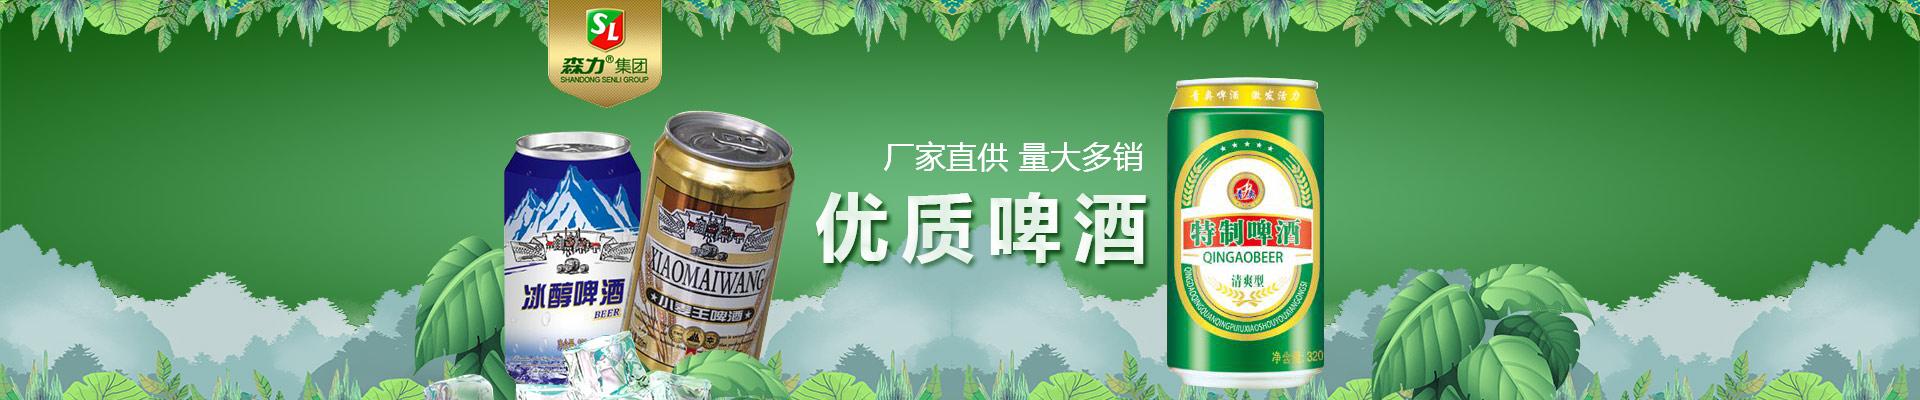 山东森力(欧加)啤酒饮料有限公司